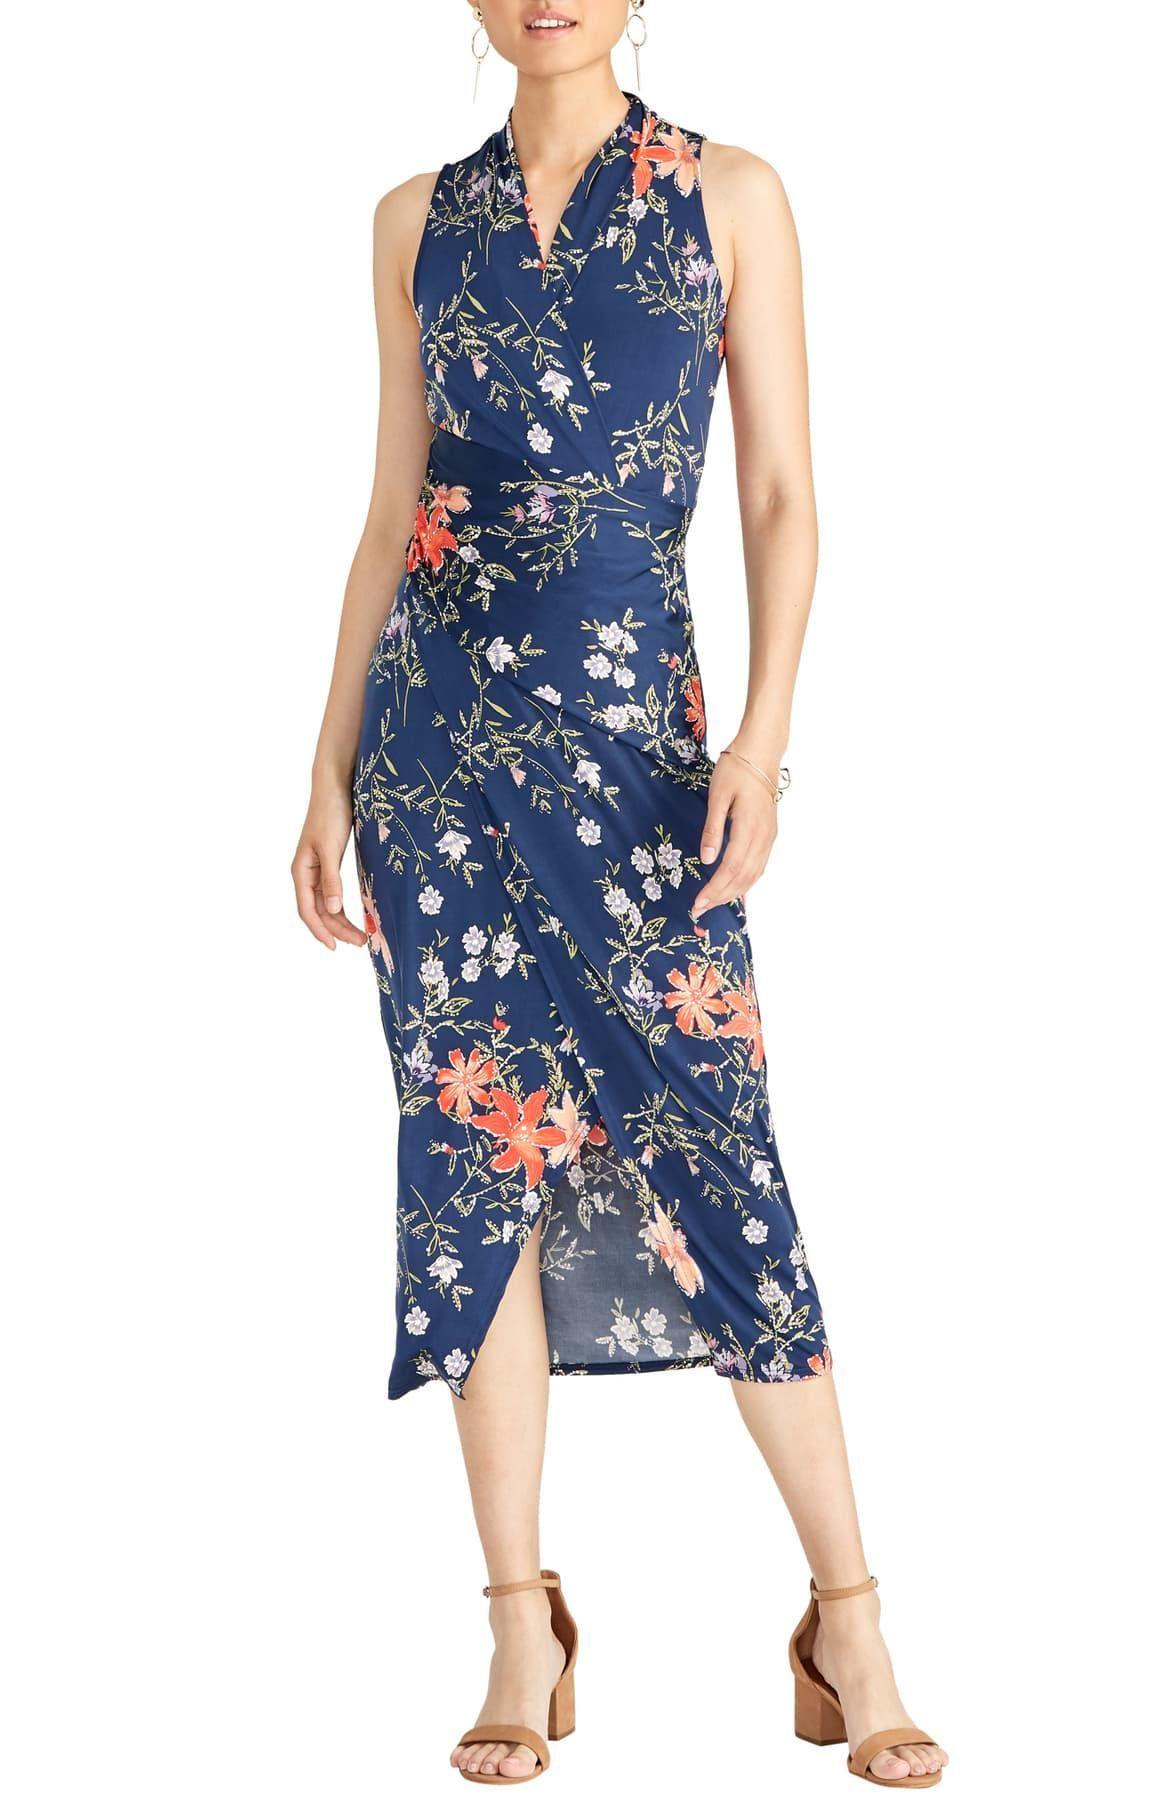 Bret Sleeveless Goldlily Dress by Rachel Rachel Roy on @nordstrom_rack